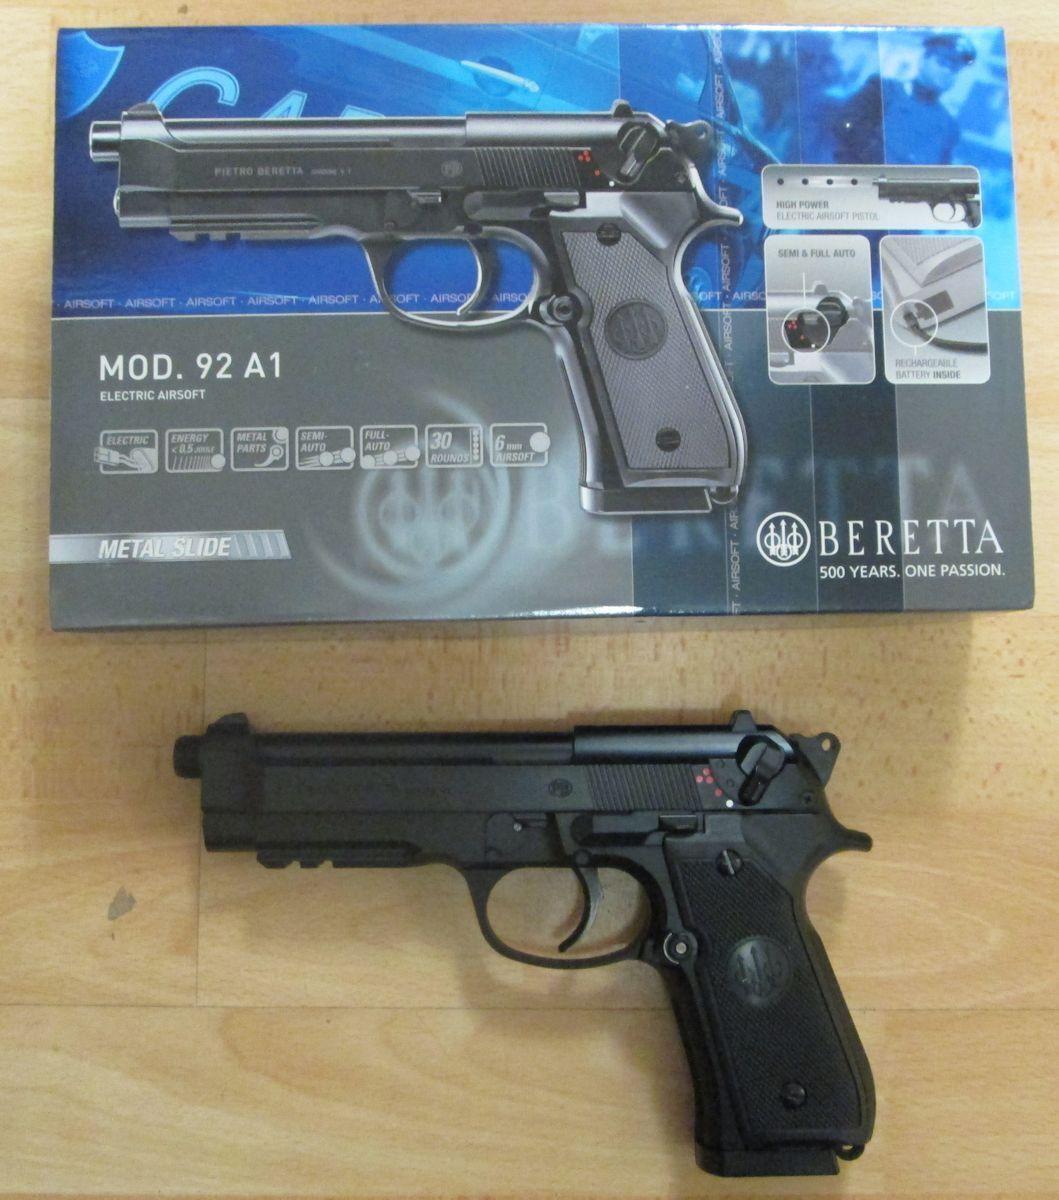 Umarex Softairpistole Softair Waffe Pistole Beretta Airsoft Airsoftwaffe Beretta Pistole 25872 e20387